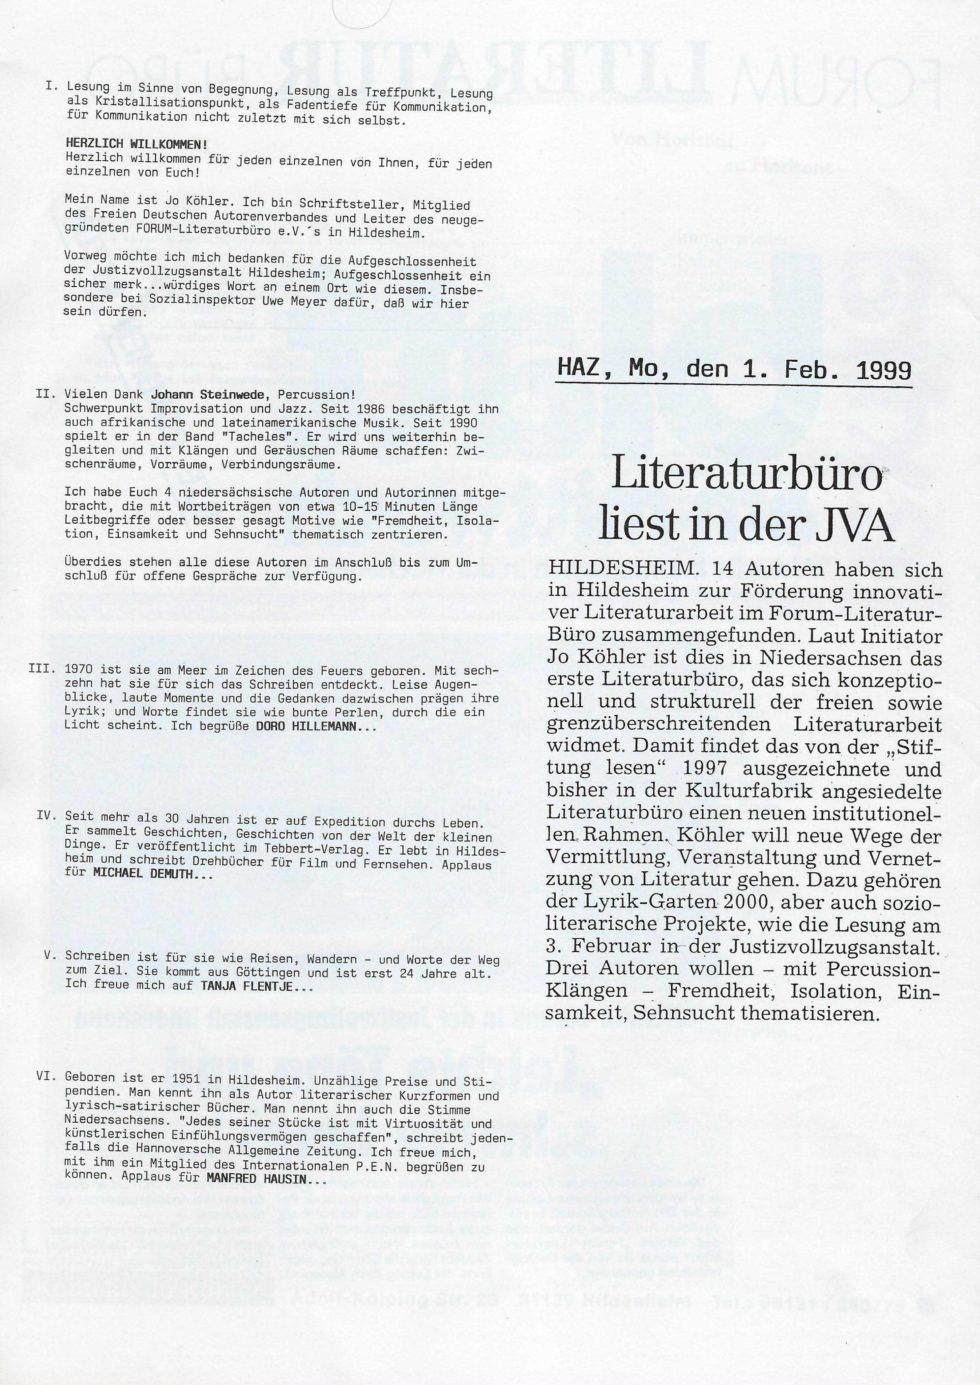 2_Weiteres_1999_DieAnstaltslesungen